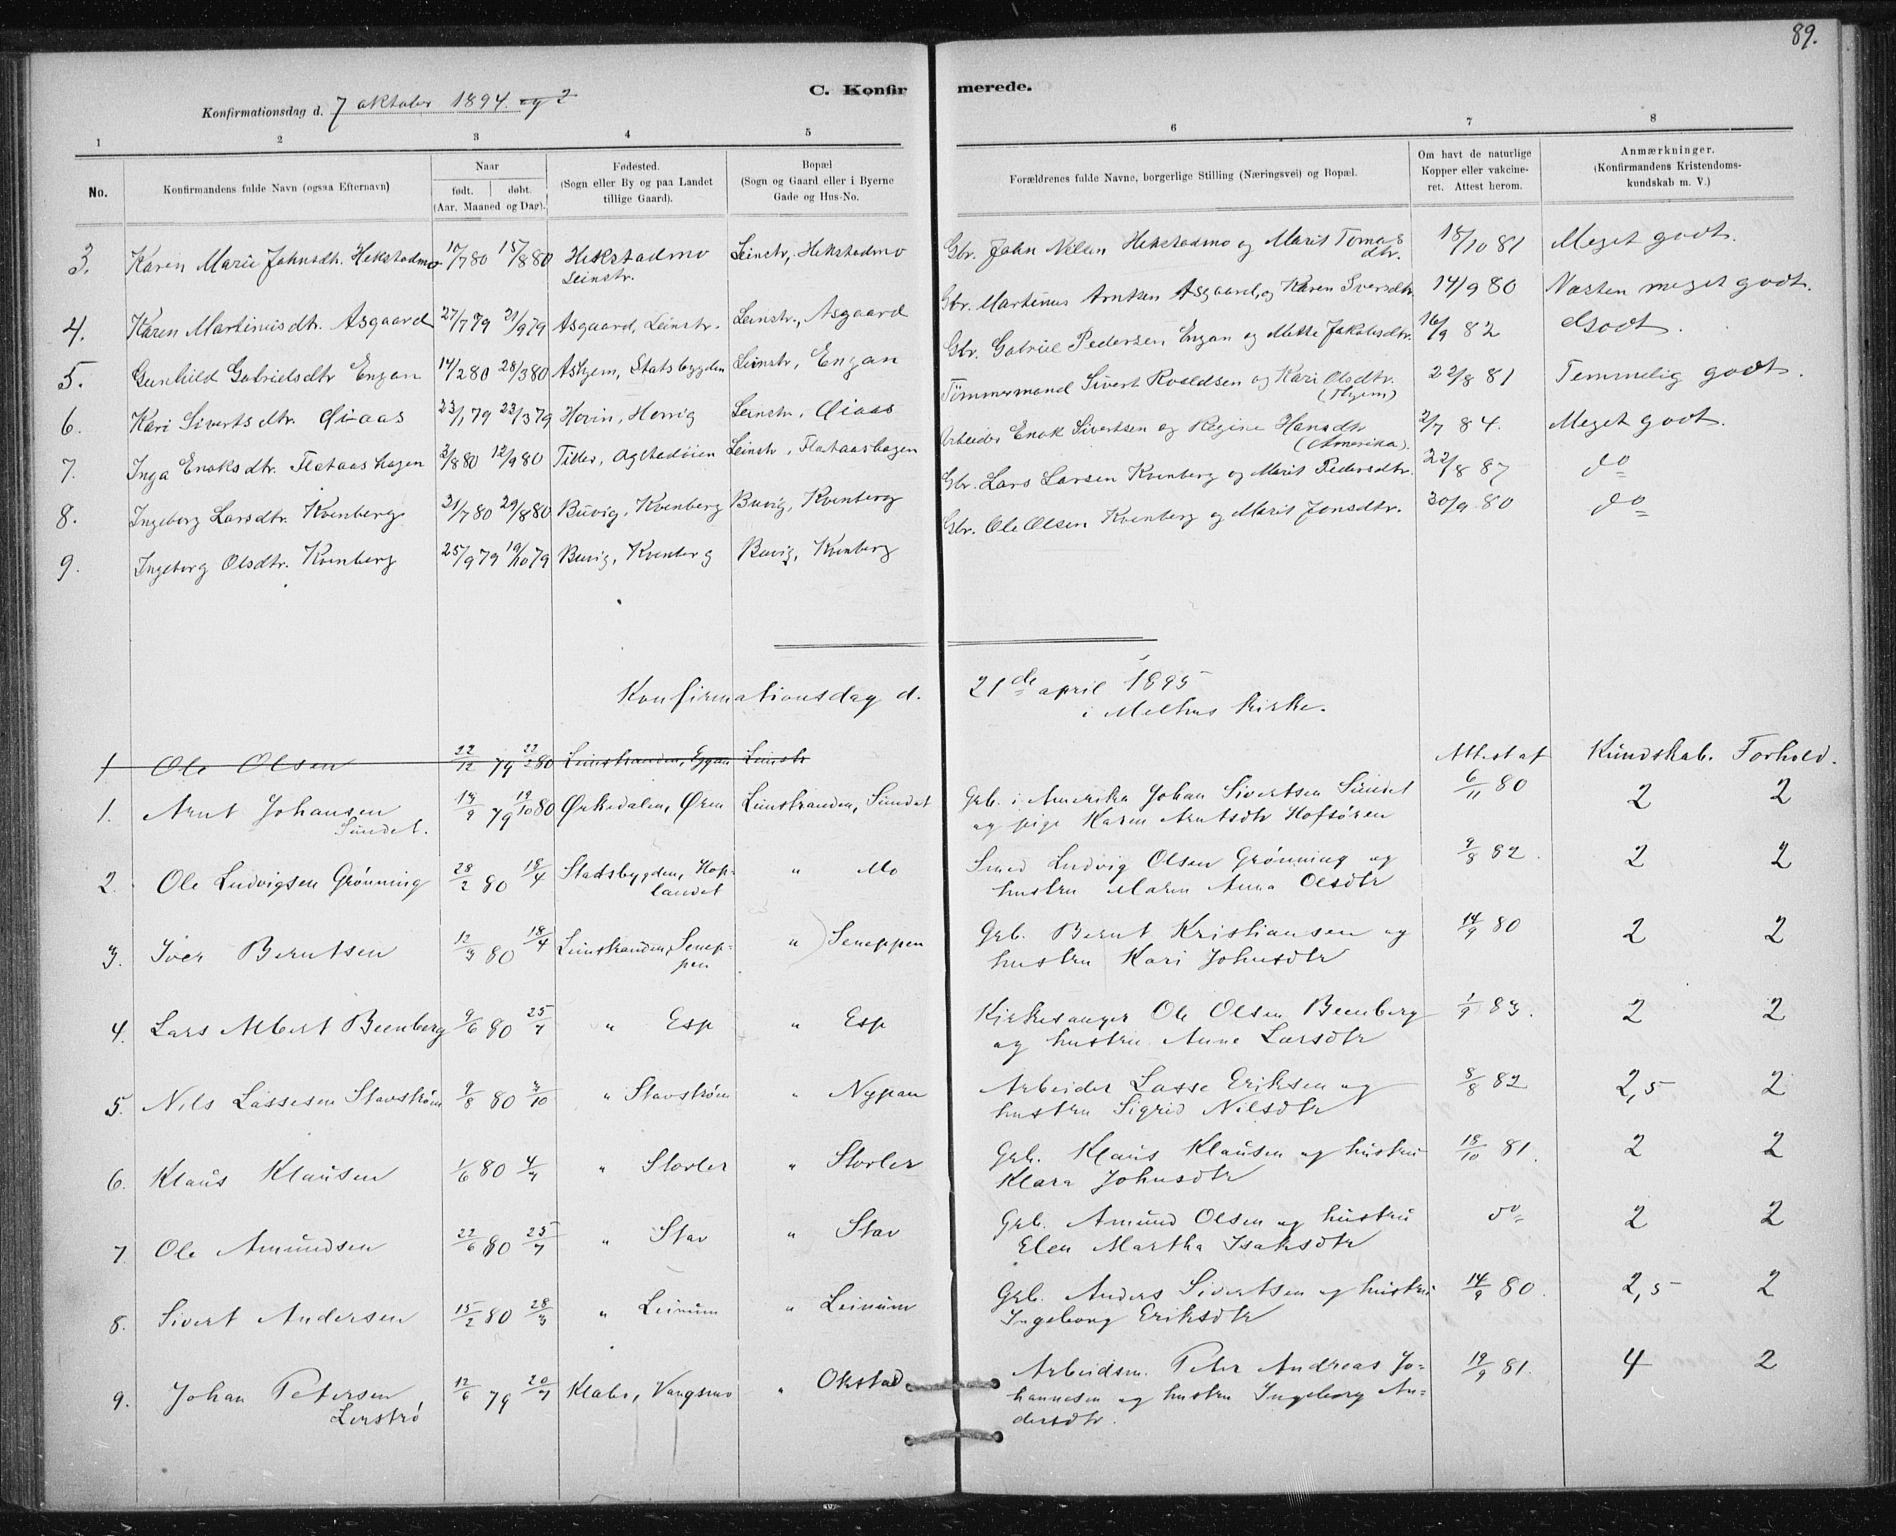 SAT, Ministerialprotokoller, klokkerbøker og fødselsregistre - Sør-Trøndelag, 613/L0392: Ministerialbok nr. 613A01, 1887-1906, s. 89